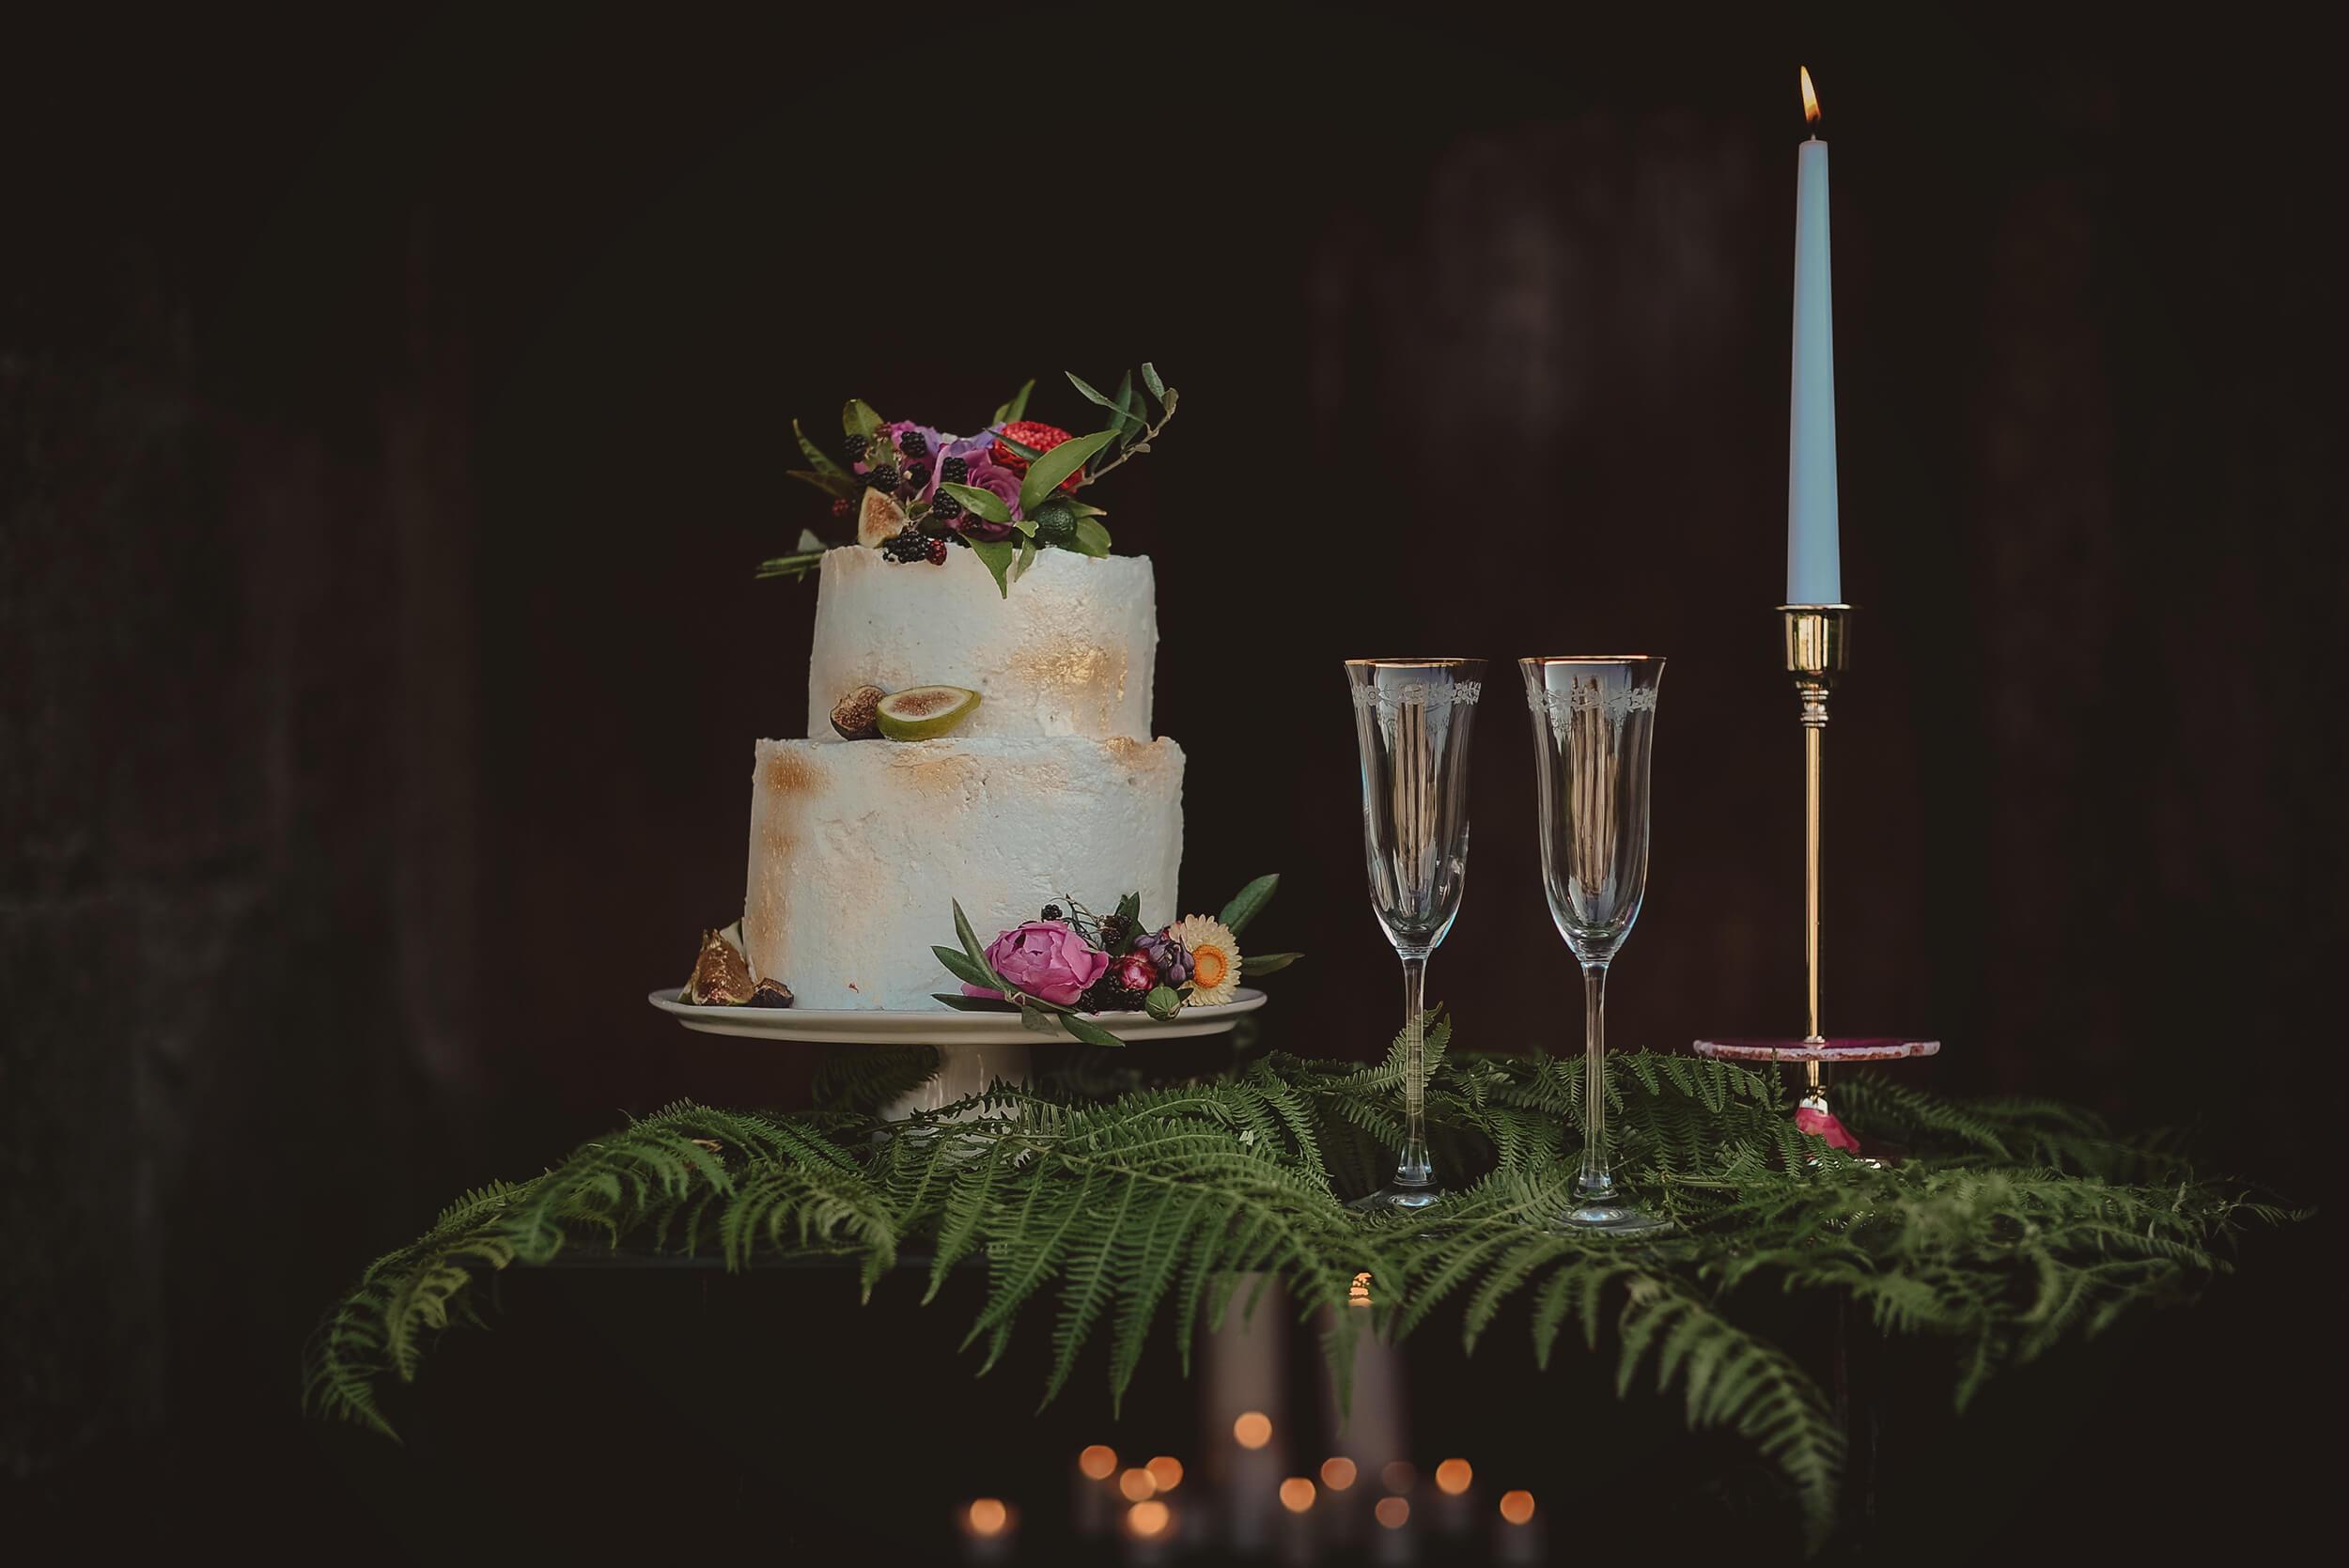 roma-organizacao-eventos-editorial-casamento-colorful-wedding-28